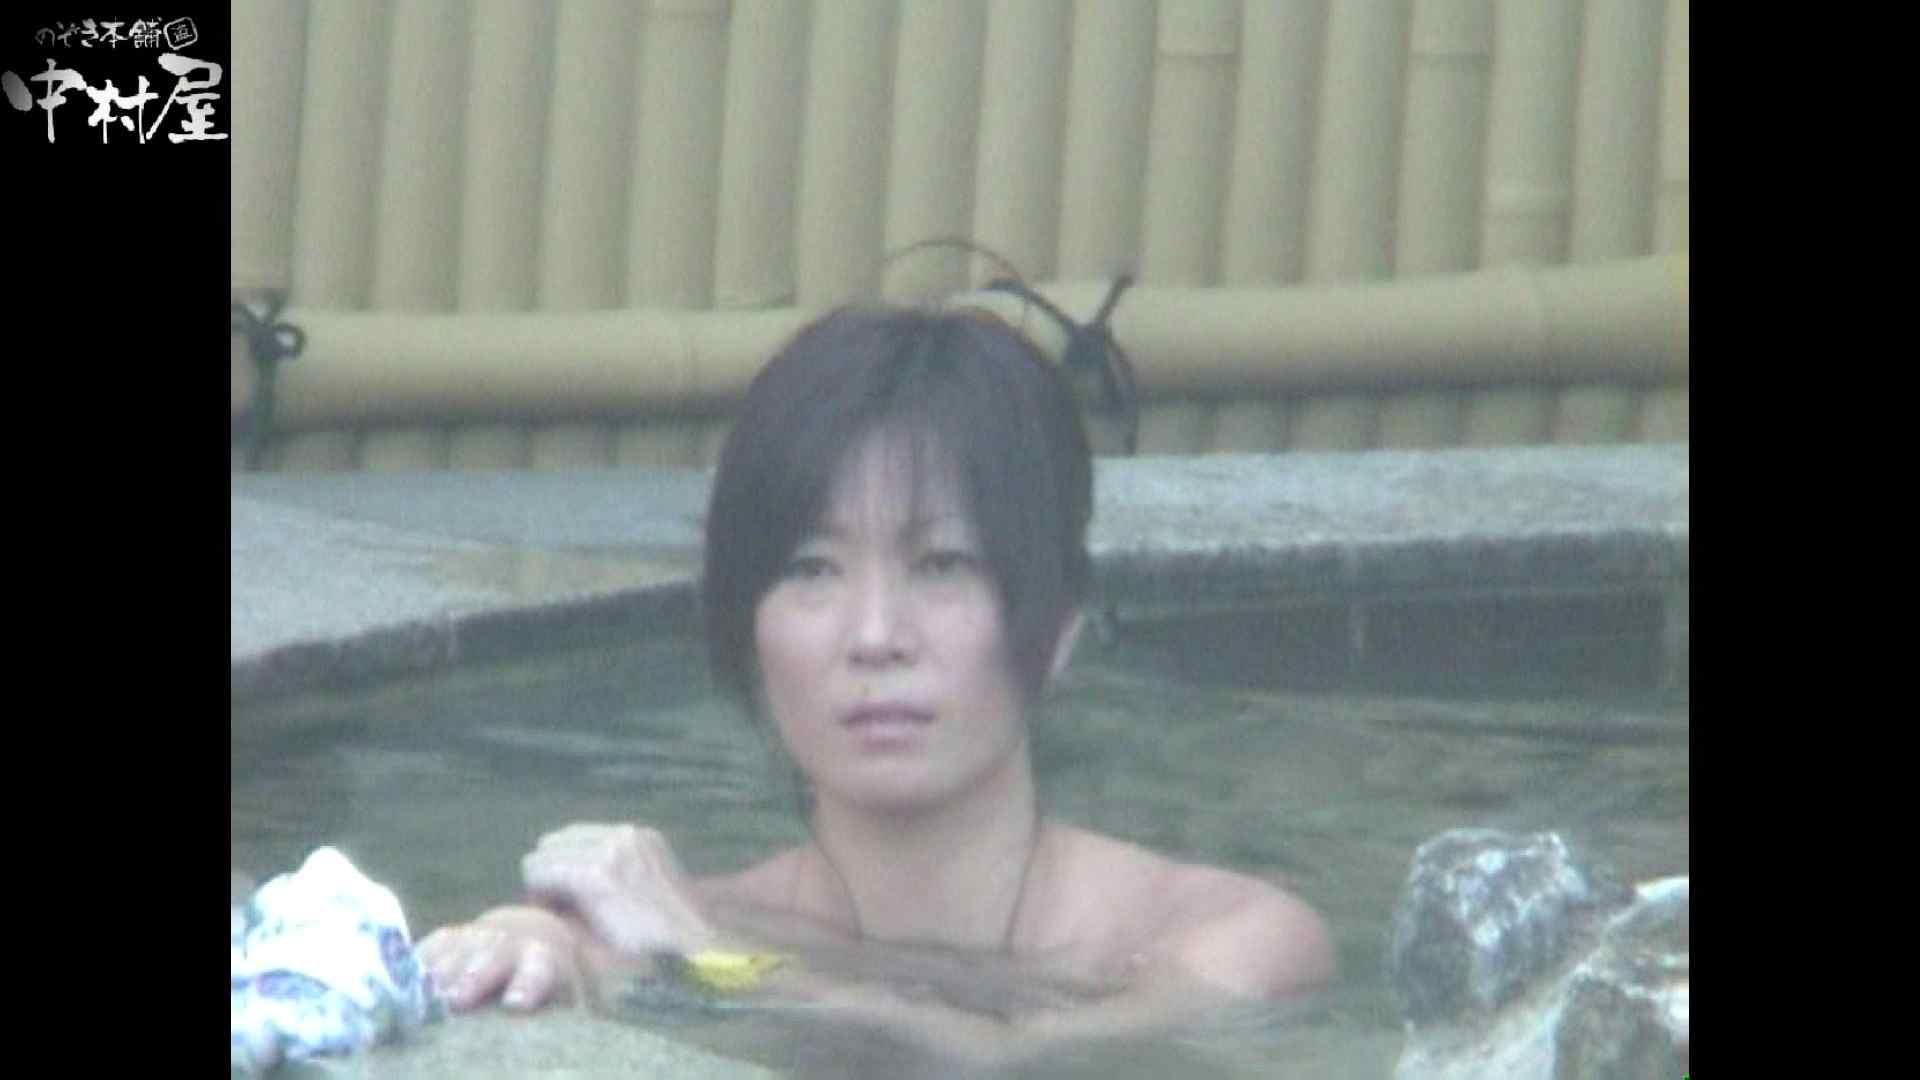 Aquaな露天風呂Vol.972 OLのエロ生活   盗撮  105連発 82